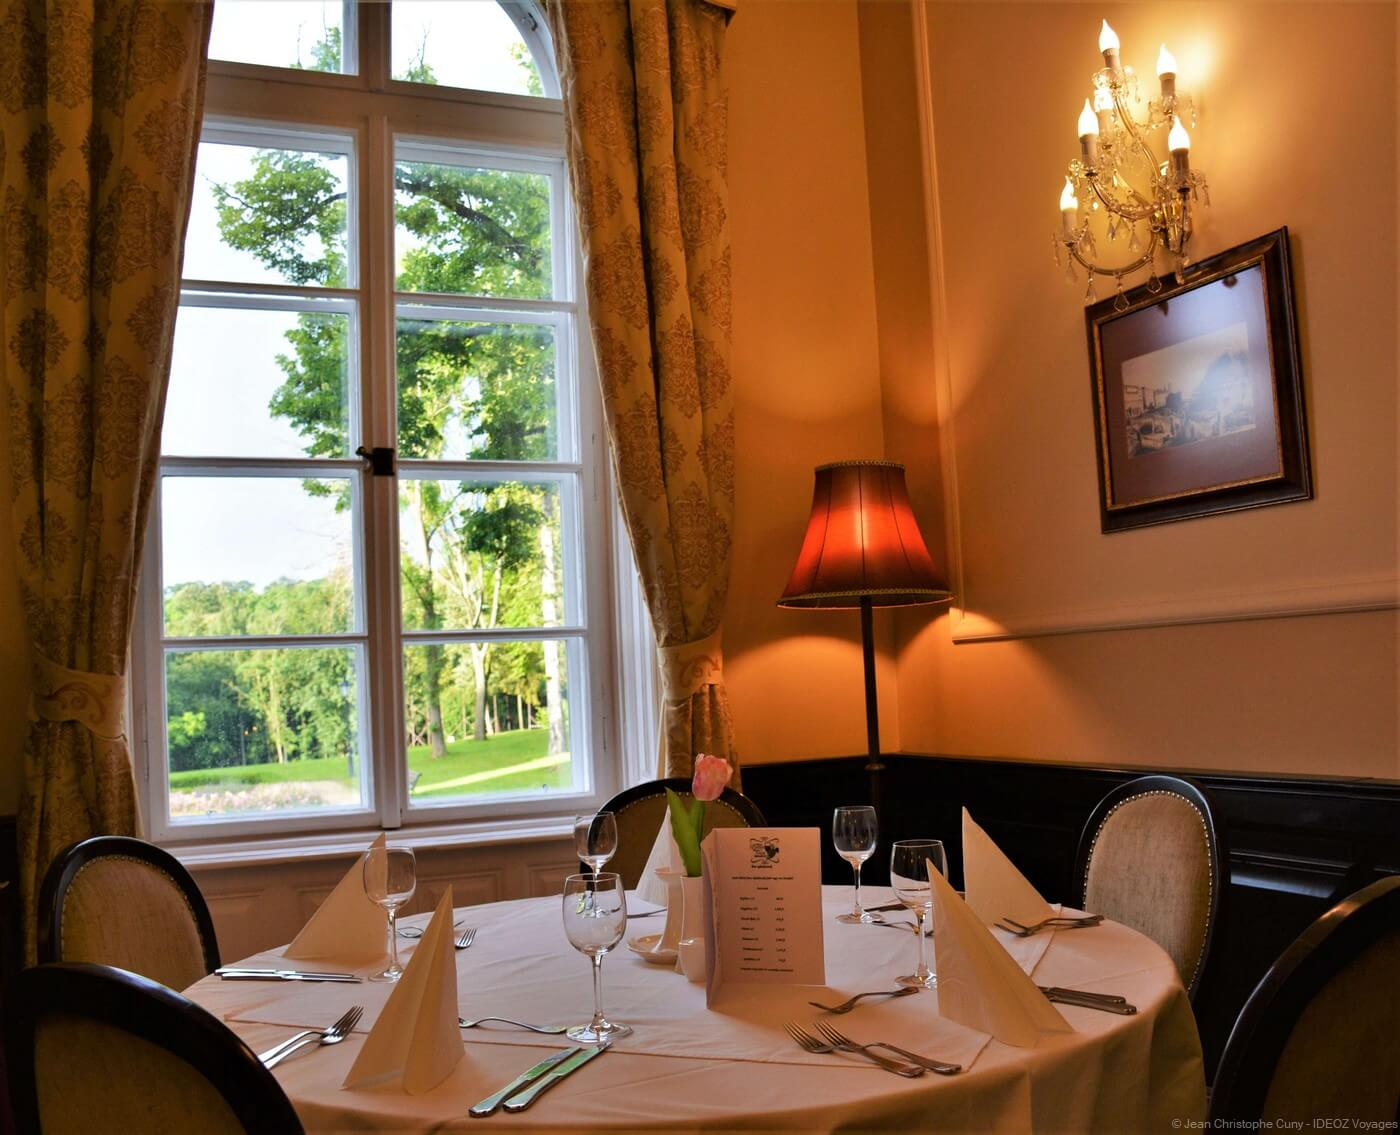 restaurant cyrano dans le château du parc de bukk